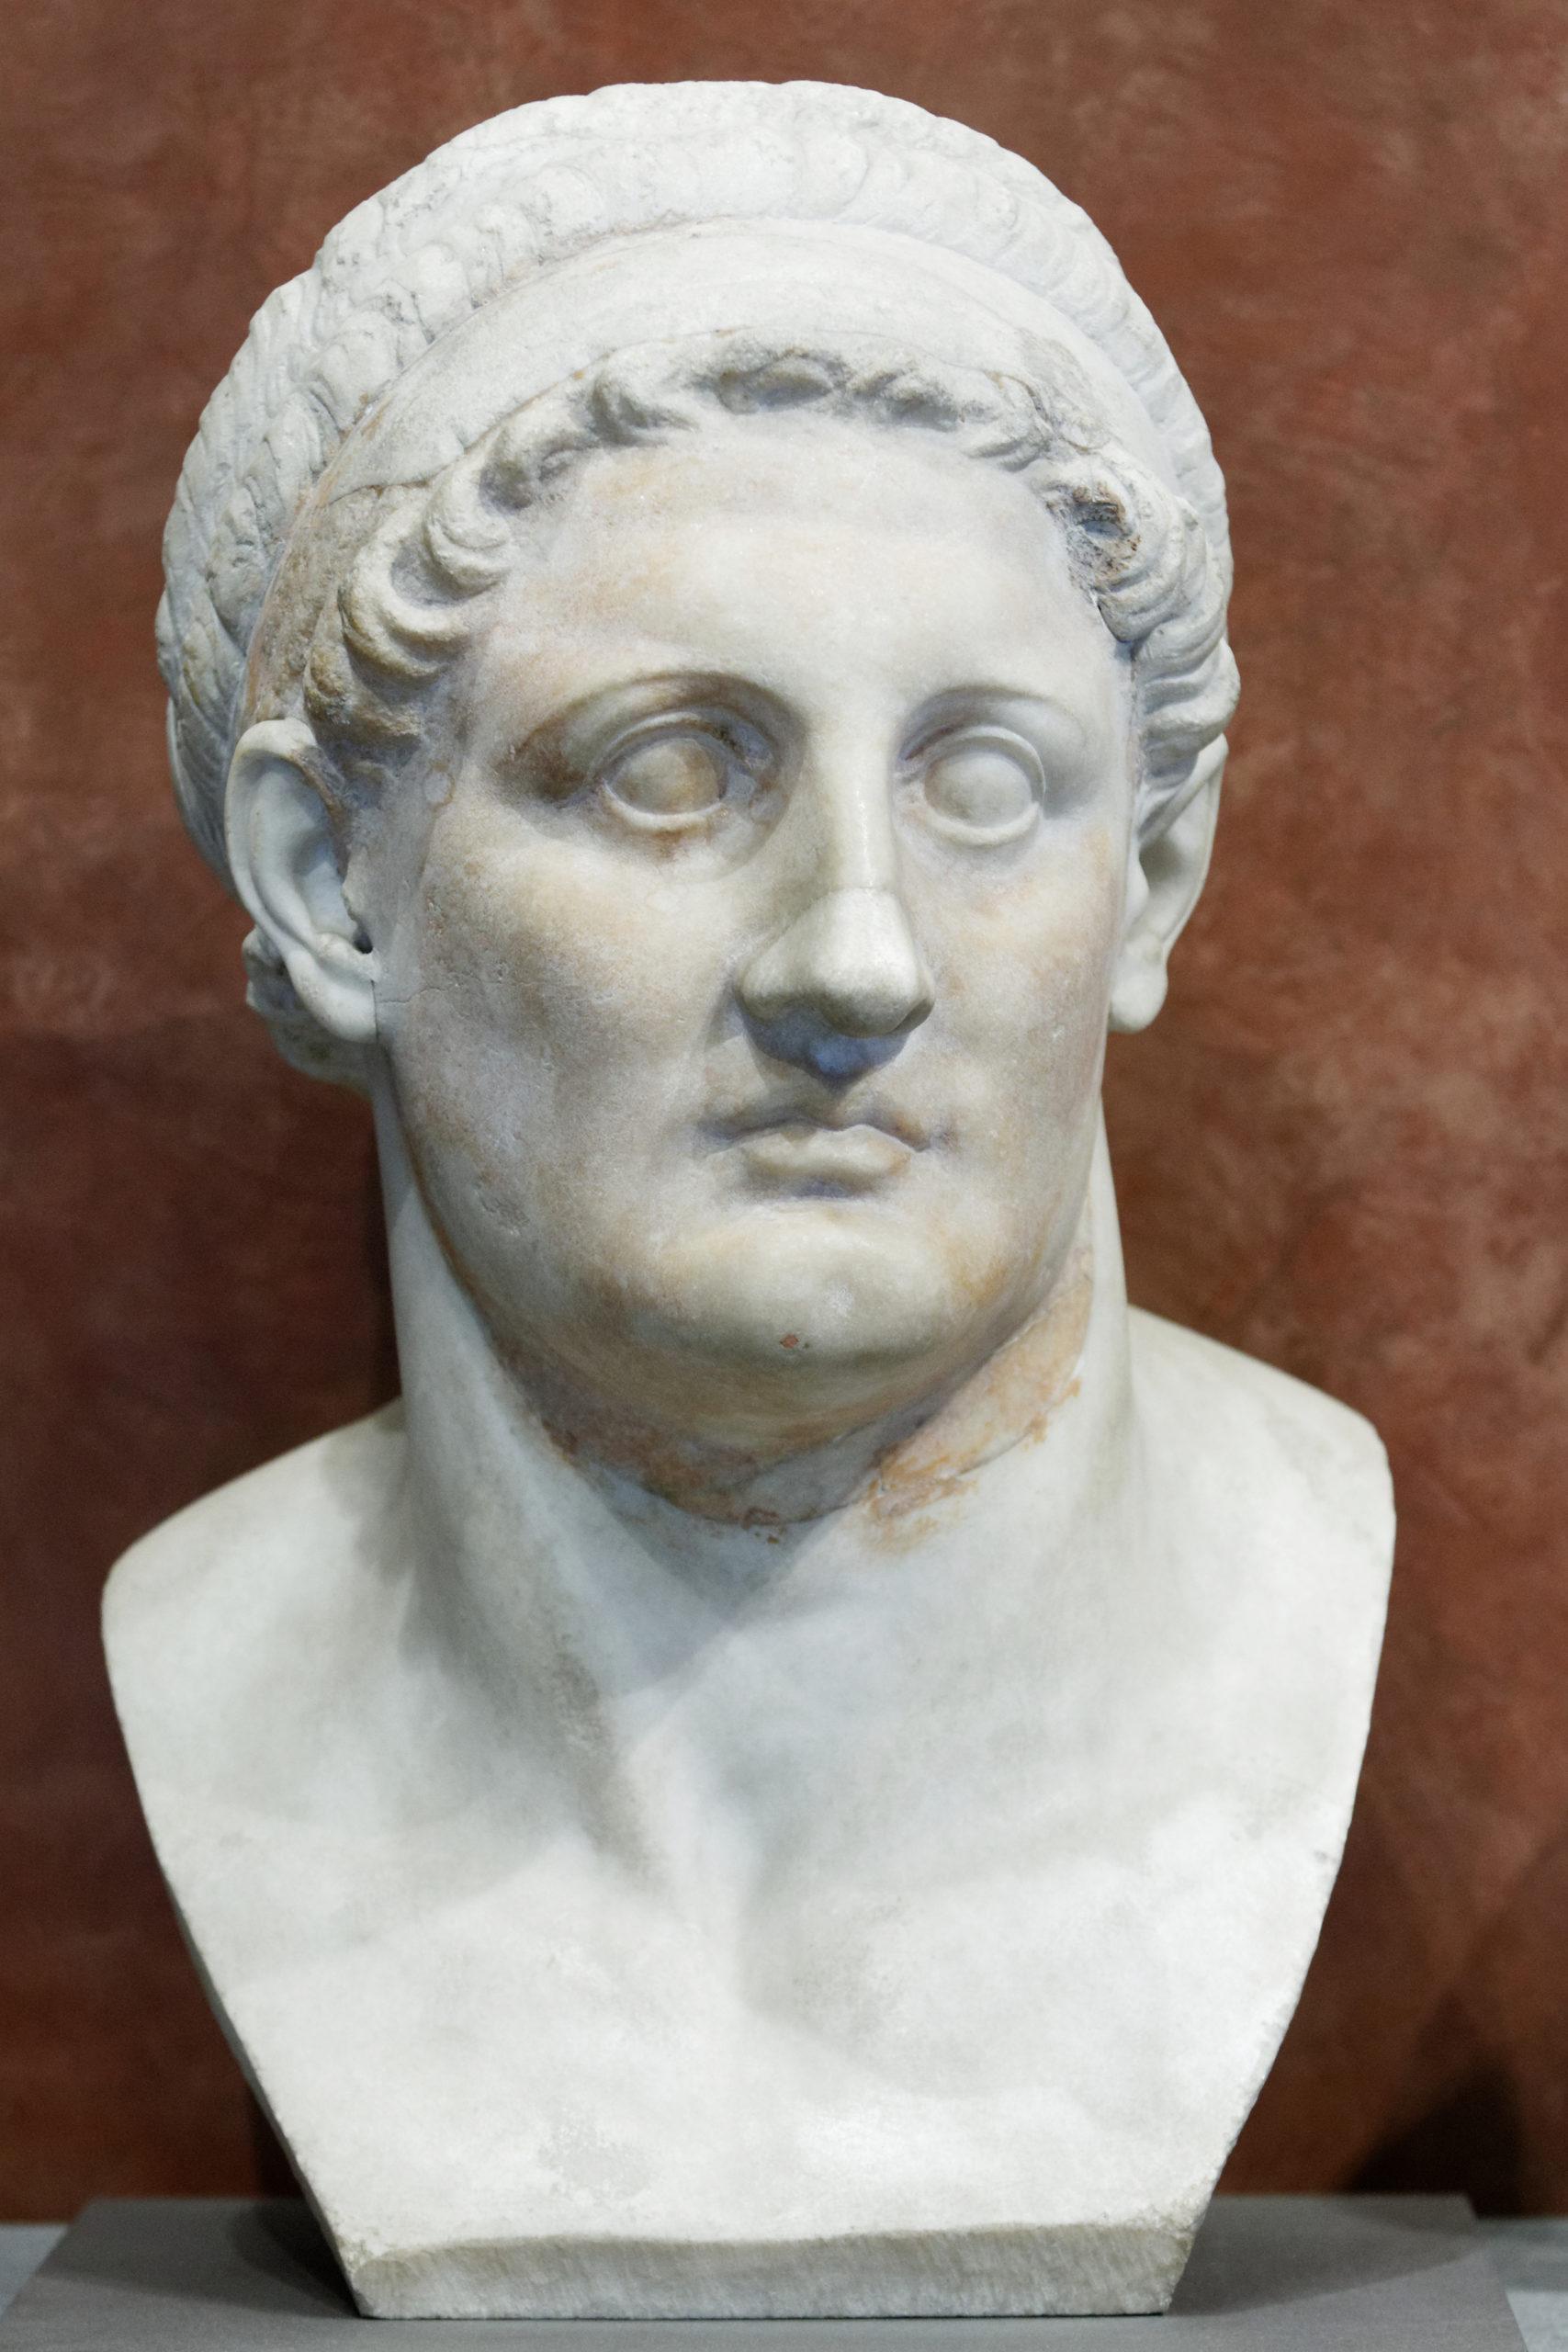 Buste en marbre de Ptolémée Ier Sôter daté du IIIe s. av. J.-C. et conservé au musée du Louvre